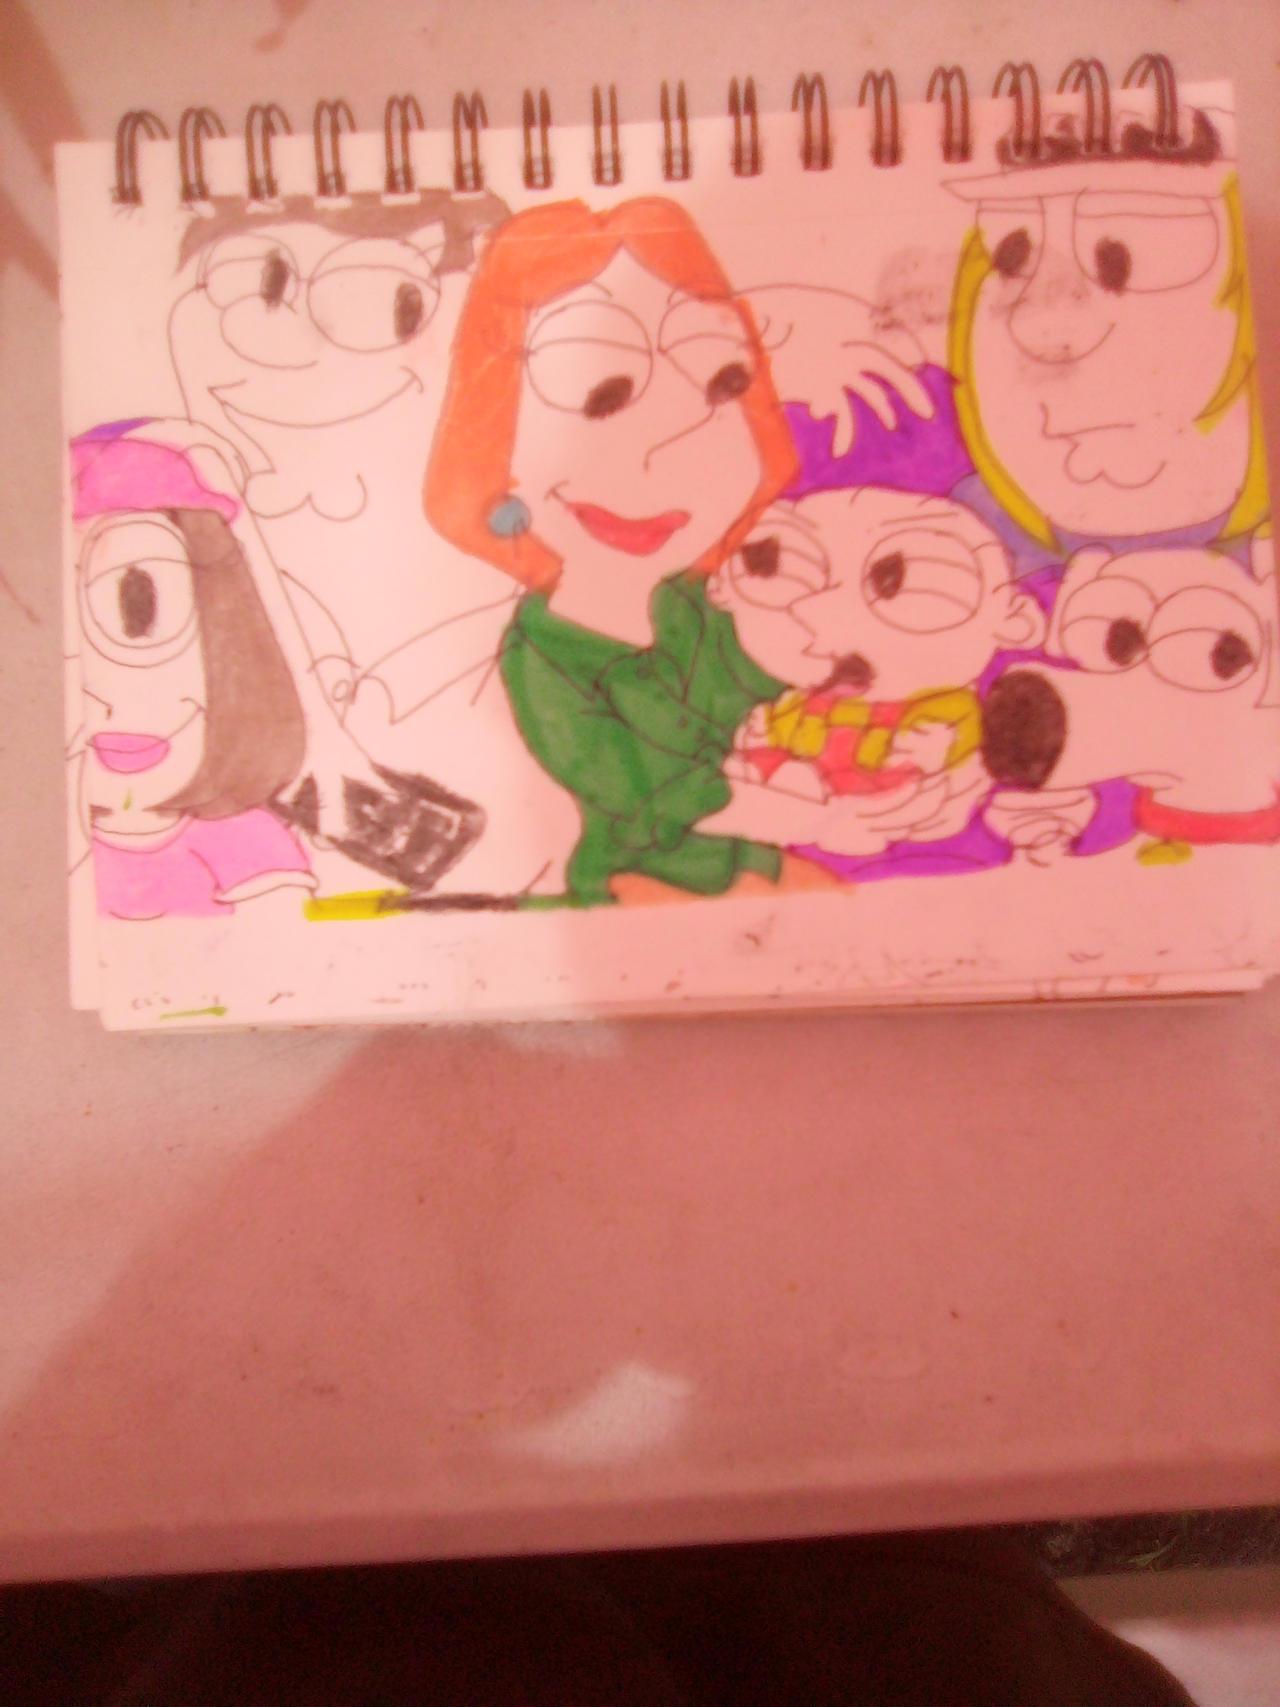 Family Guy 1